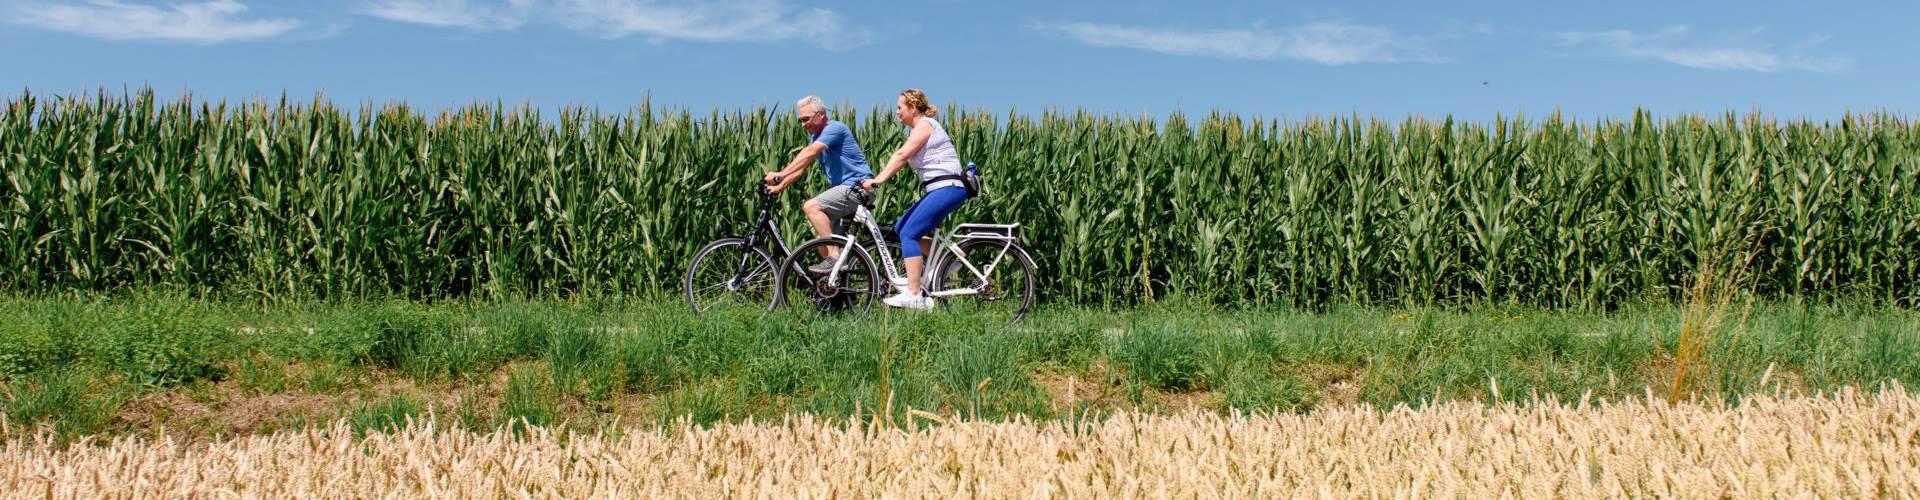 Paar beim Radfahren vor einem Maisfeld im Sommer